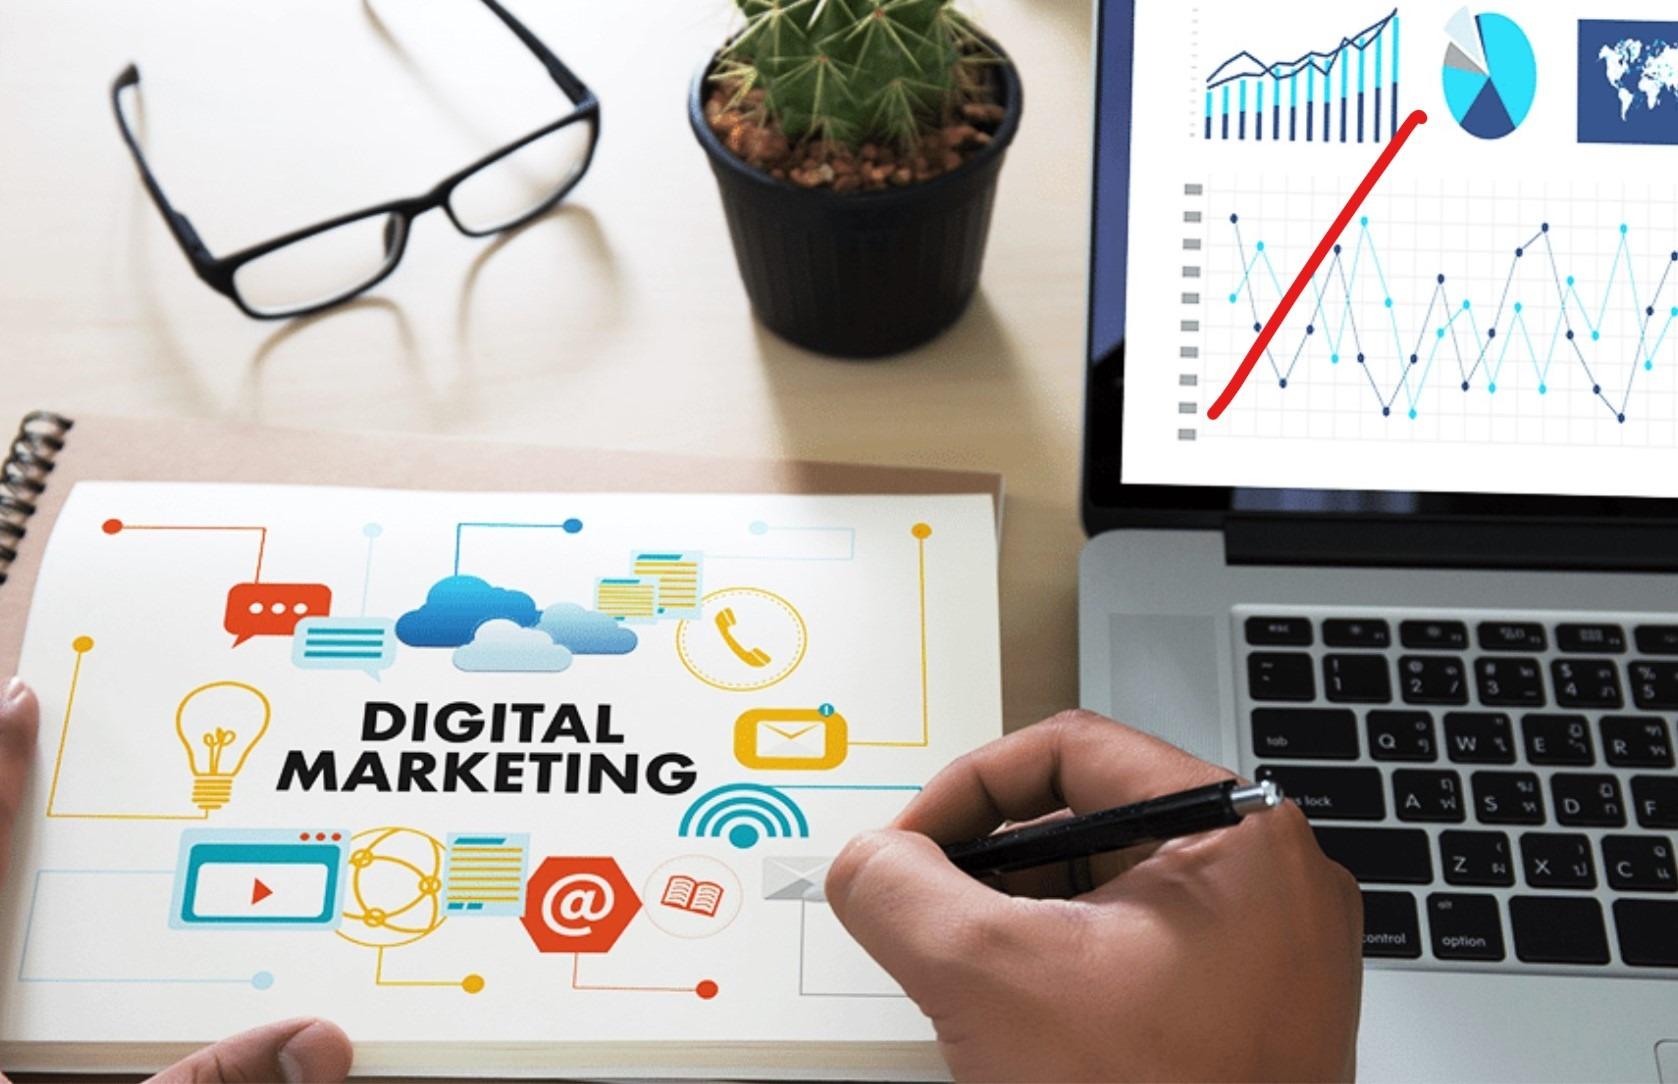 digital marketing agency jogja terbaik